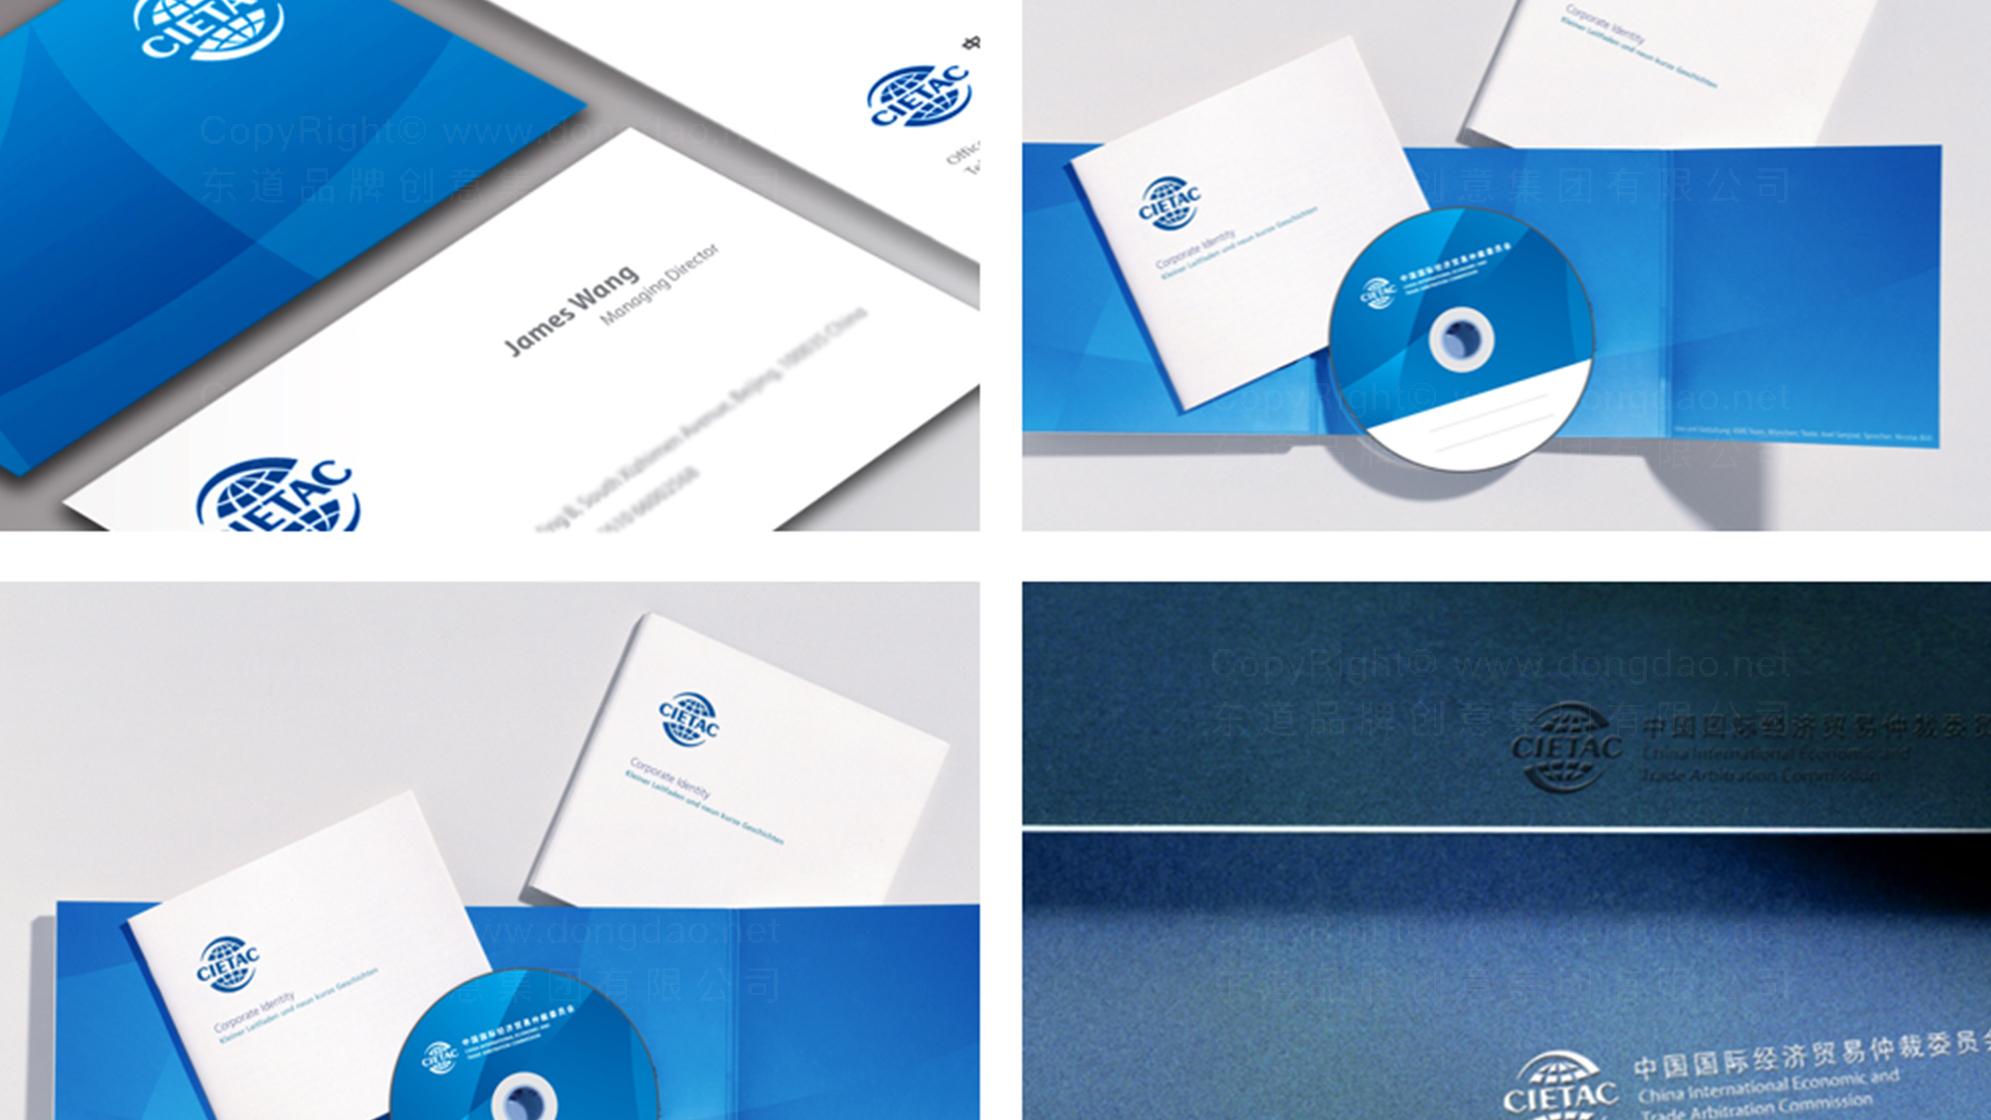 品牌设计经济贸易仲裁委员会标志设计应用场景_2